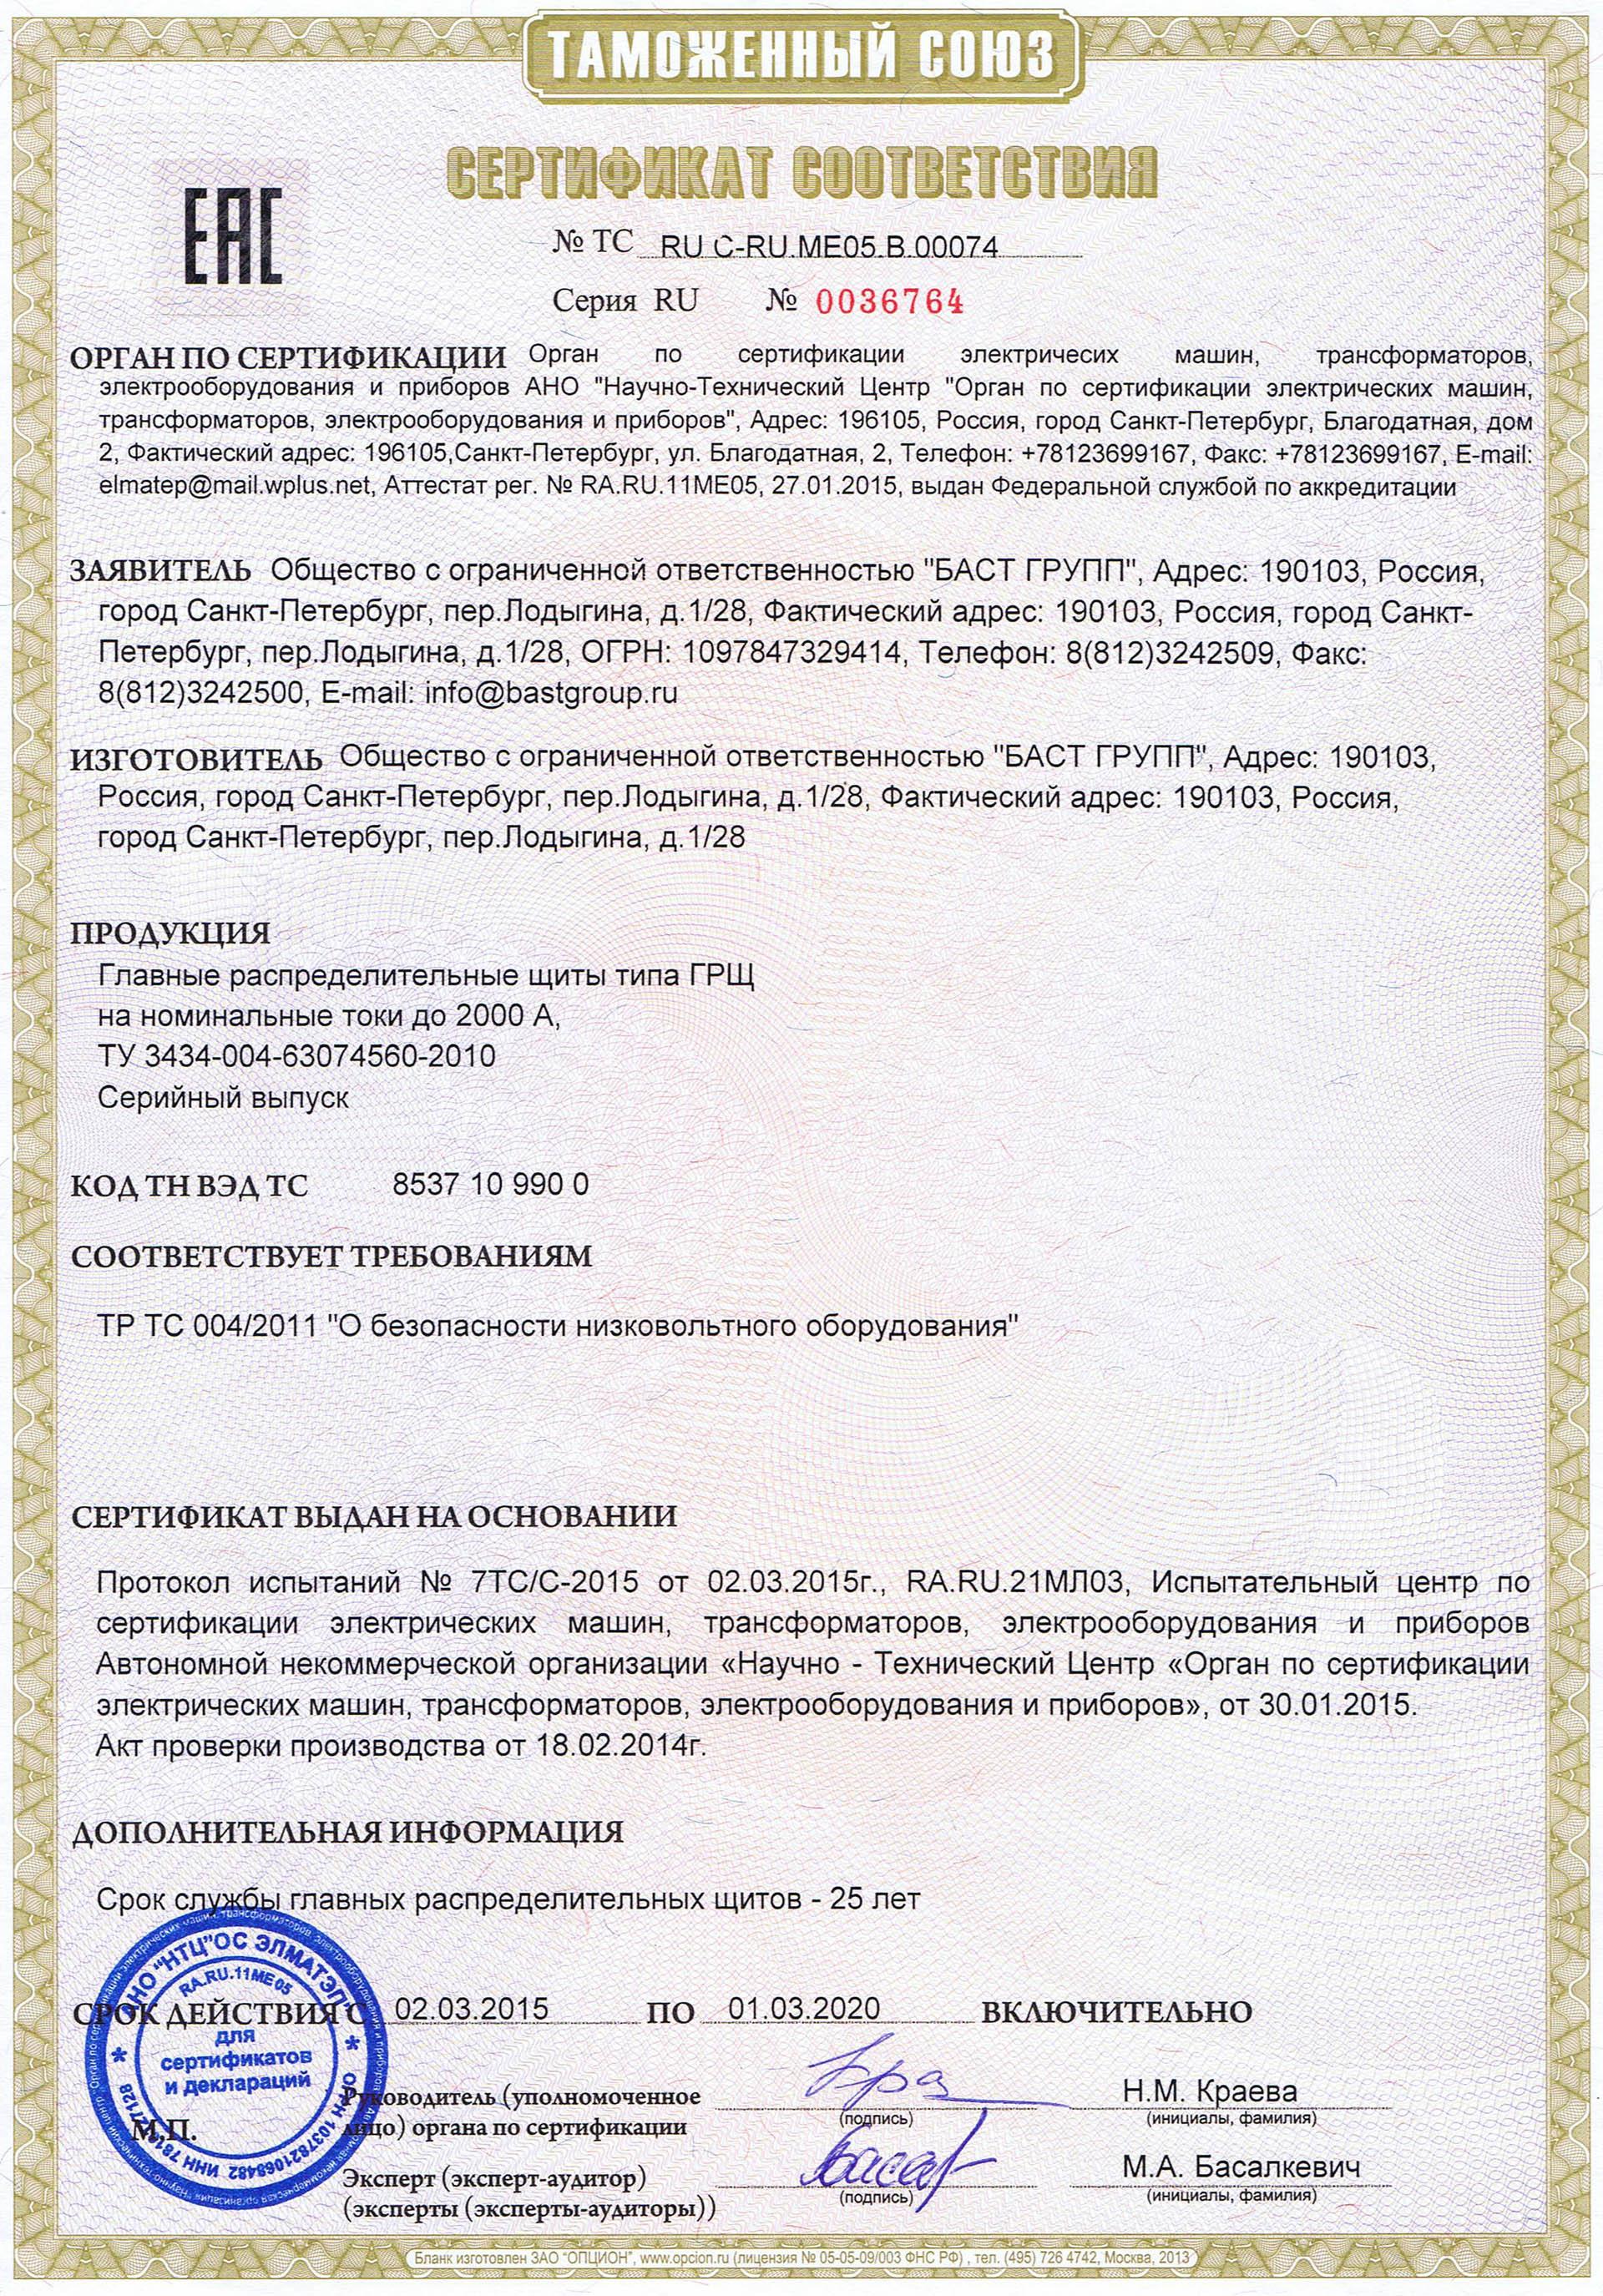 sertifikat-grsch-2000a